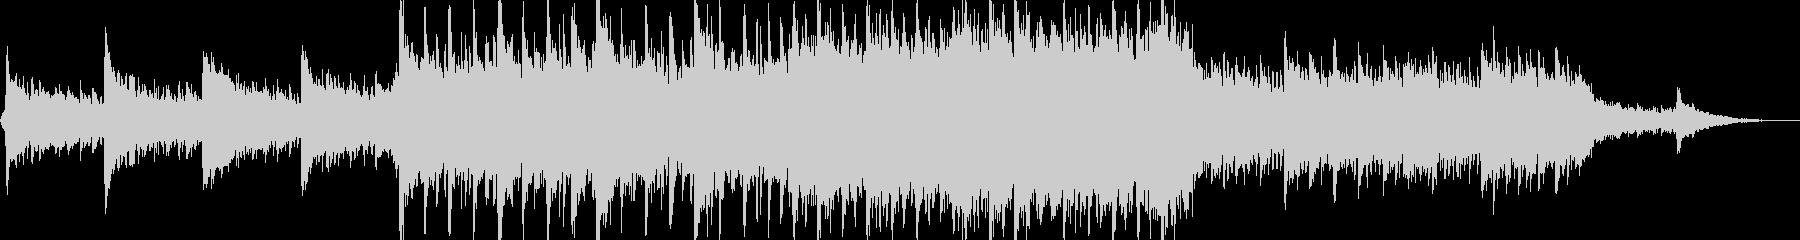 現代の交響曲 未来の技術 ポジティ...の未再生の波形